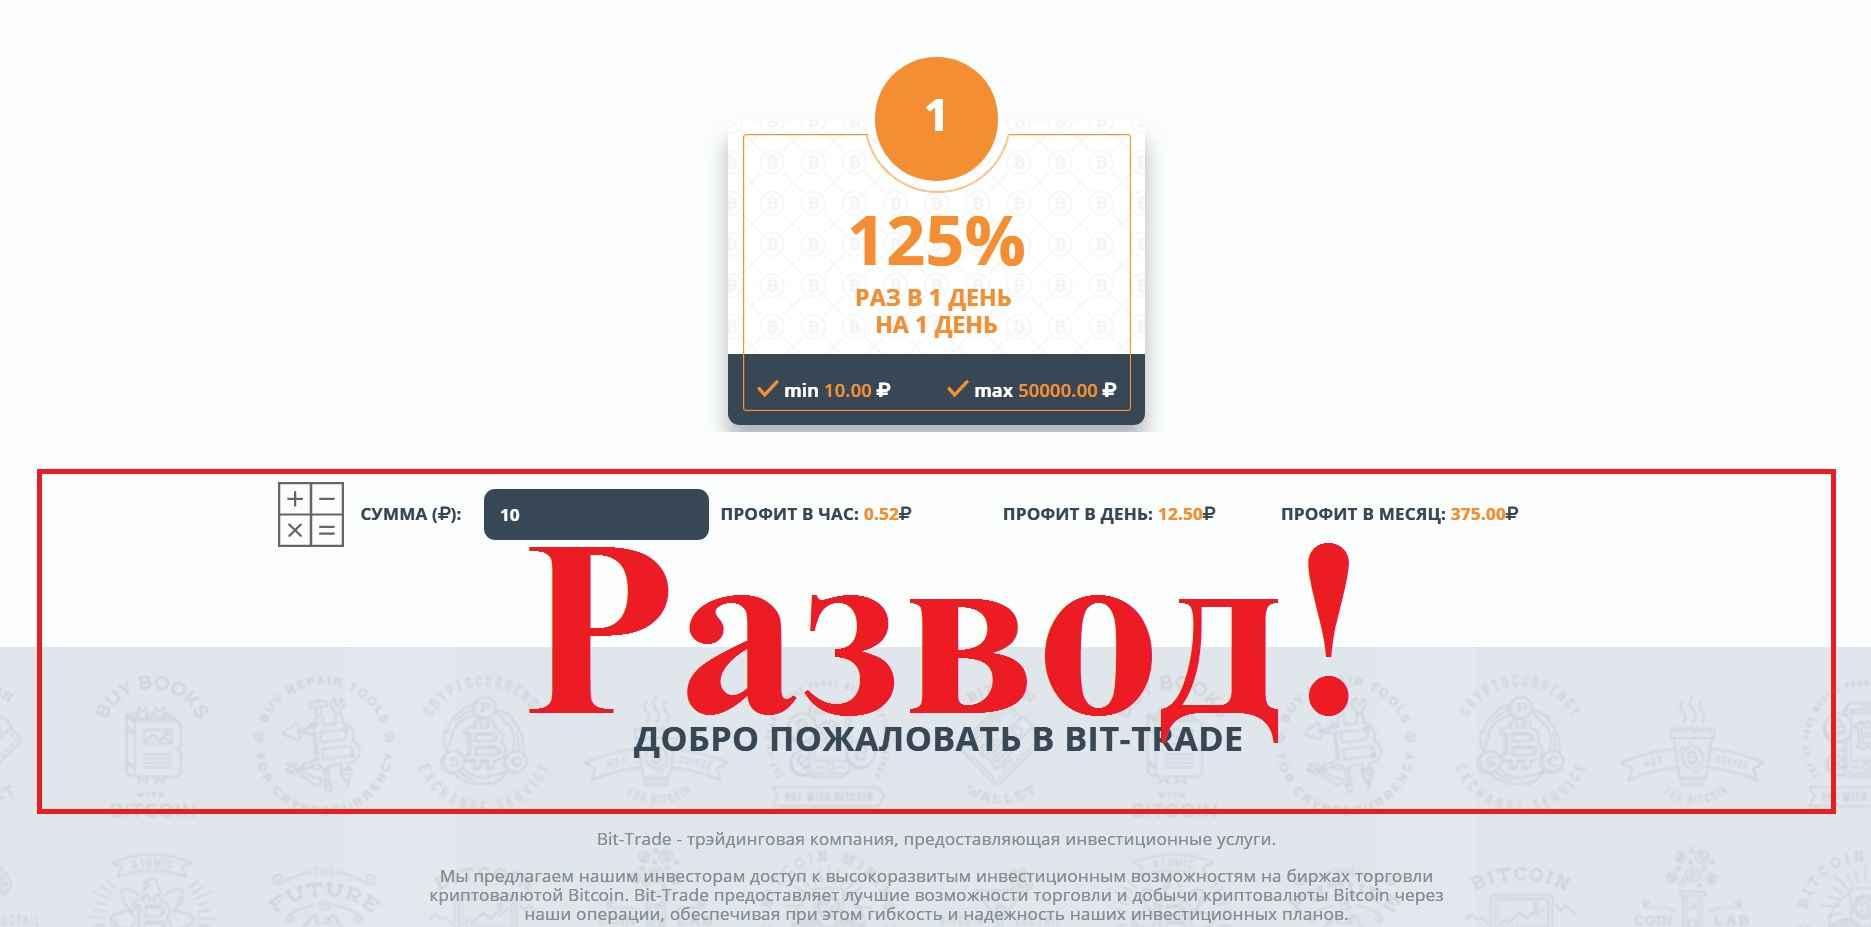 Bit-Trade – биржа цифровых активов. Отзывы и обзор bit-trade.world